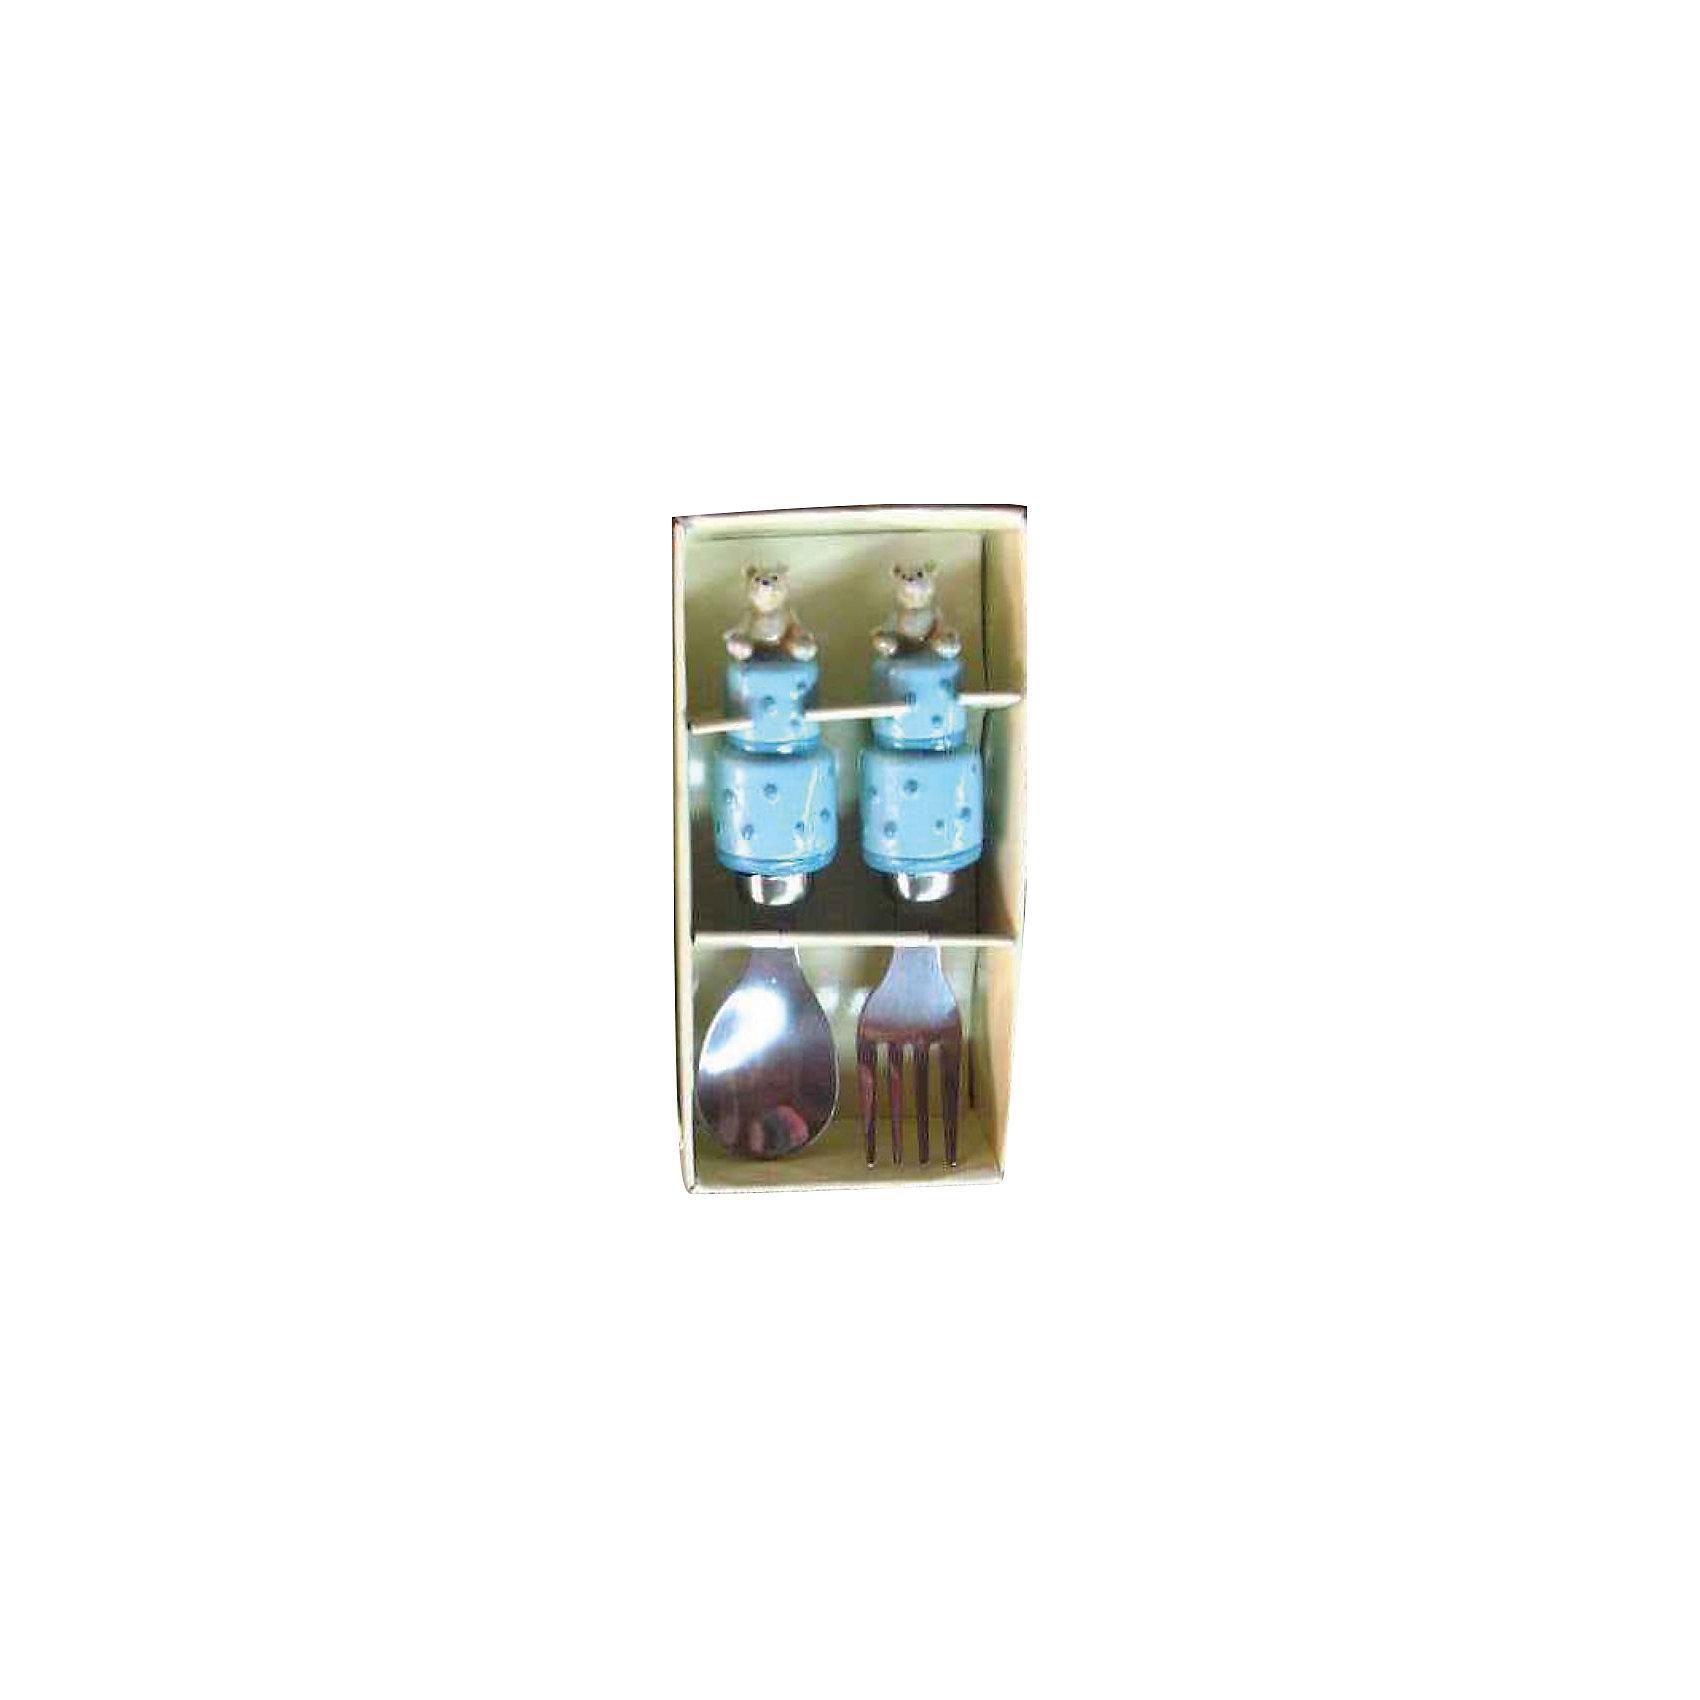 Голубой набор столовых приборов Мишки (2 предмета)Посуда<br>Очень милый набор для маленьких любителей покушать. Обедать, завтракать и ужинать с веселыми мишками - одно удовольствие! <br><br>Дополнительная информация:<br><br>- Материал: полирезина, нержавеющая сталь.<br>- Комплектация: ложка, вилка.<br>- Размер: 14х10х4 см. <br>- Цвет: голубой.<br><br>Голубой набор столовых приборов Мишки (2 предмета) можно купить в нашем магазине.<br><br>Ширина мм: 140<br>Глубина мм: 100<br>Высота мм: 40<br>Вес г: 114<br>Возраст от месяцев: 36<br>Возраст до месяцев: 2147483647<br>Пол: Мужской<br>Возраст: Детский<br>SKU: 4087370